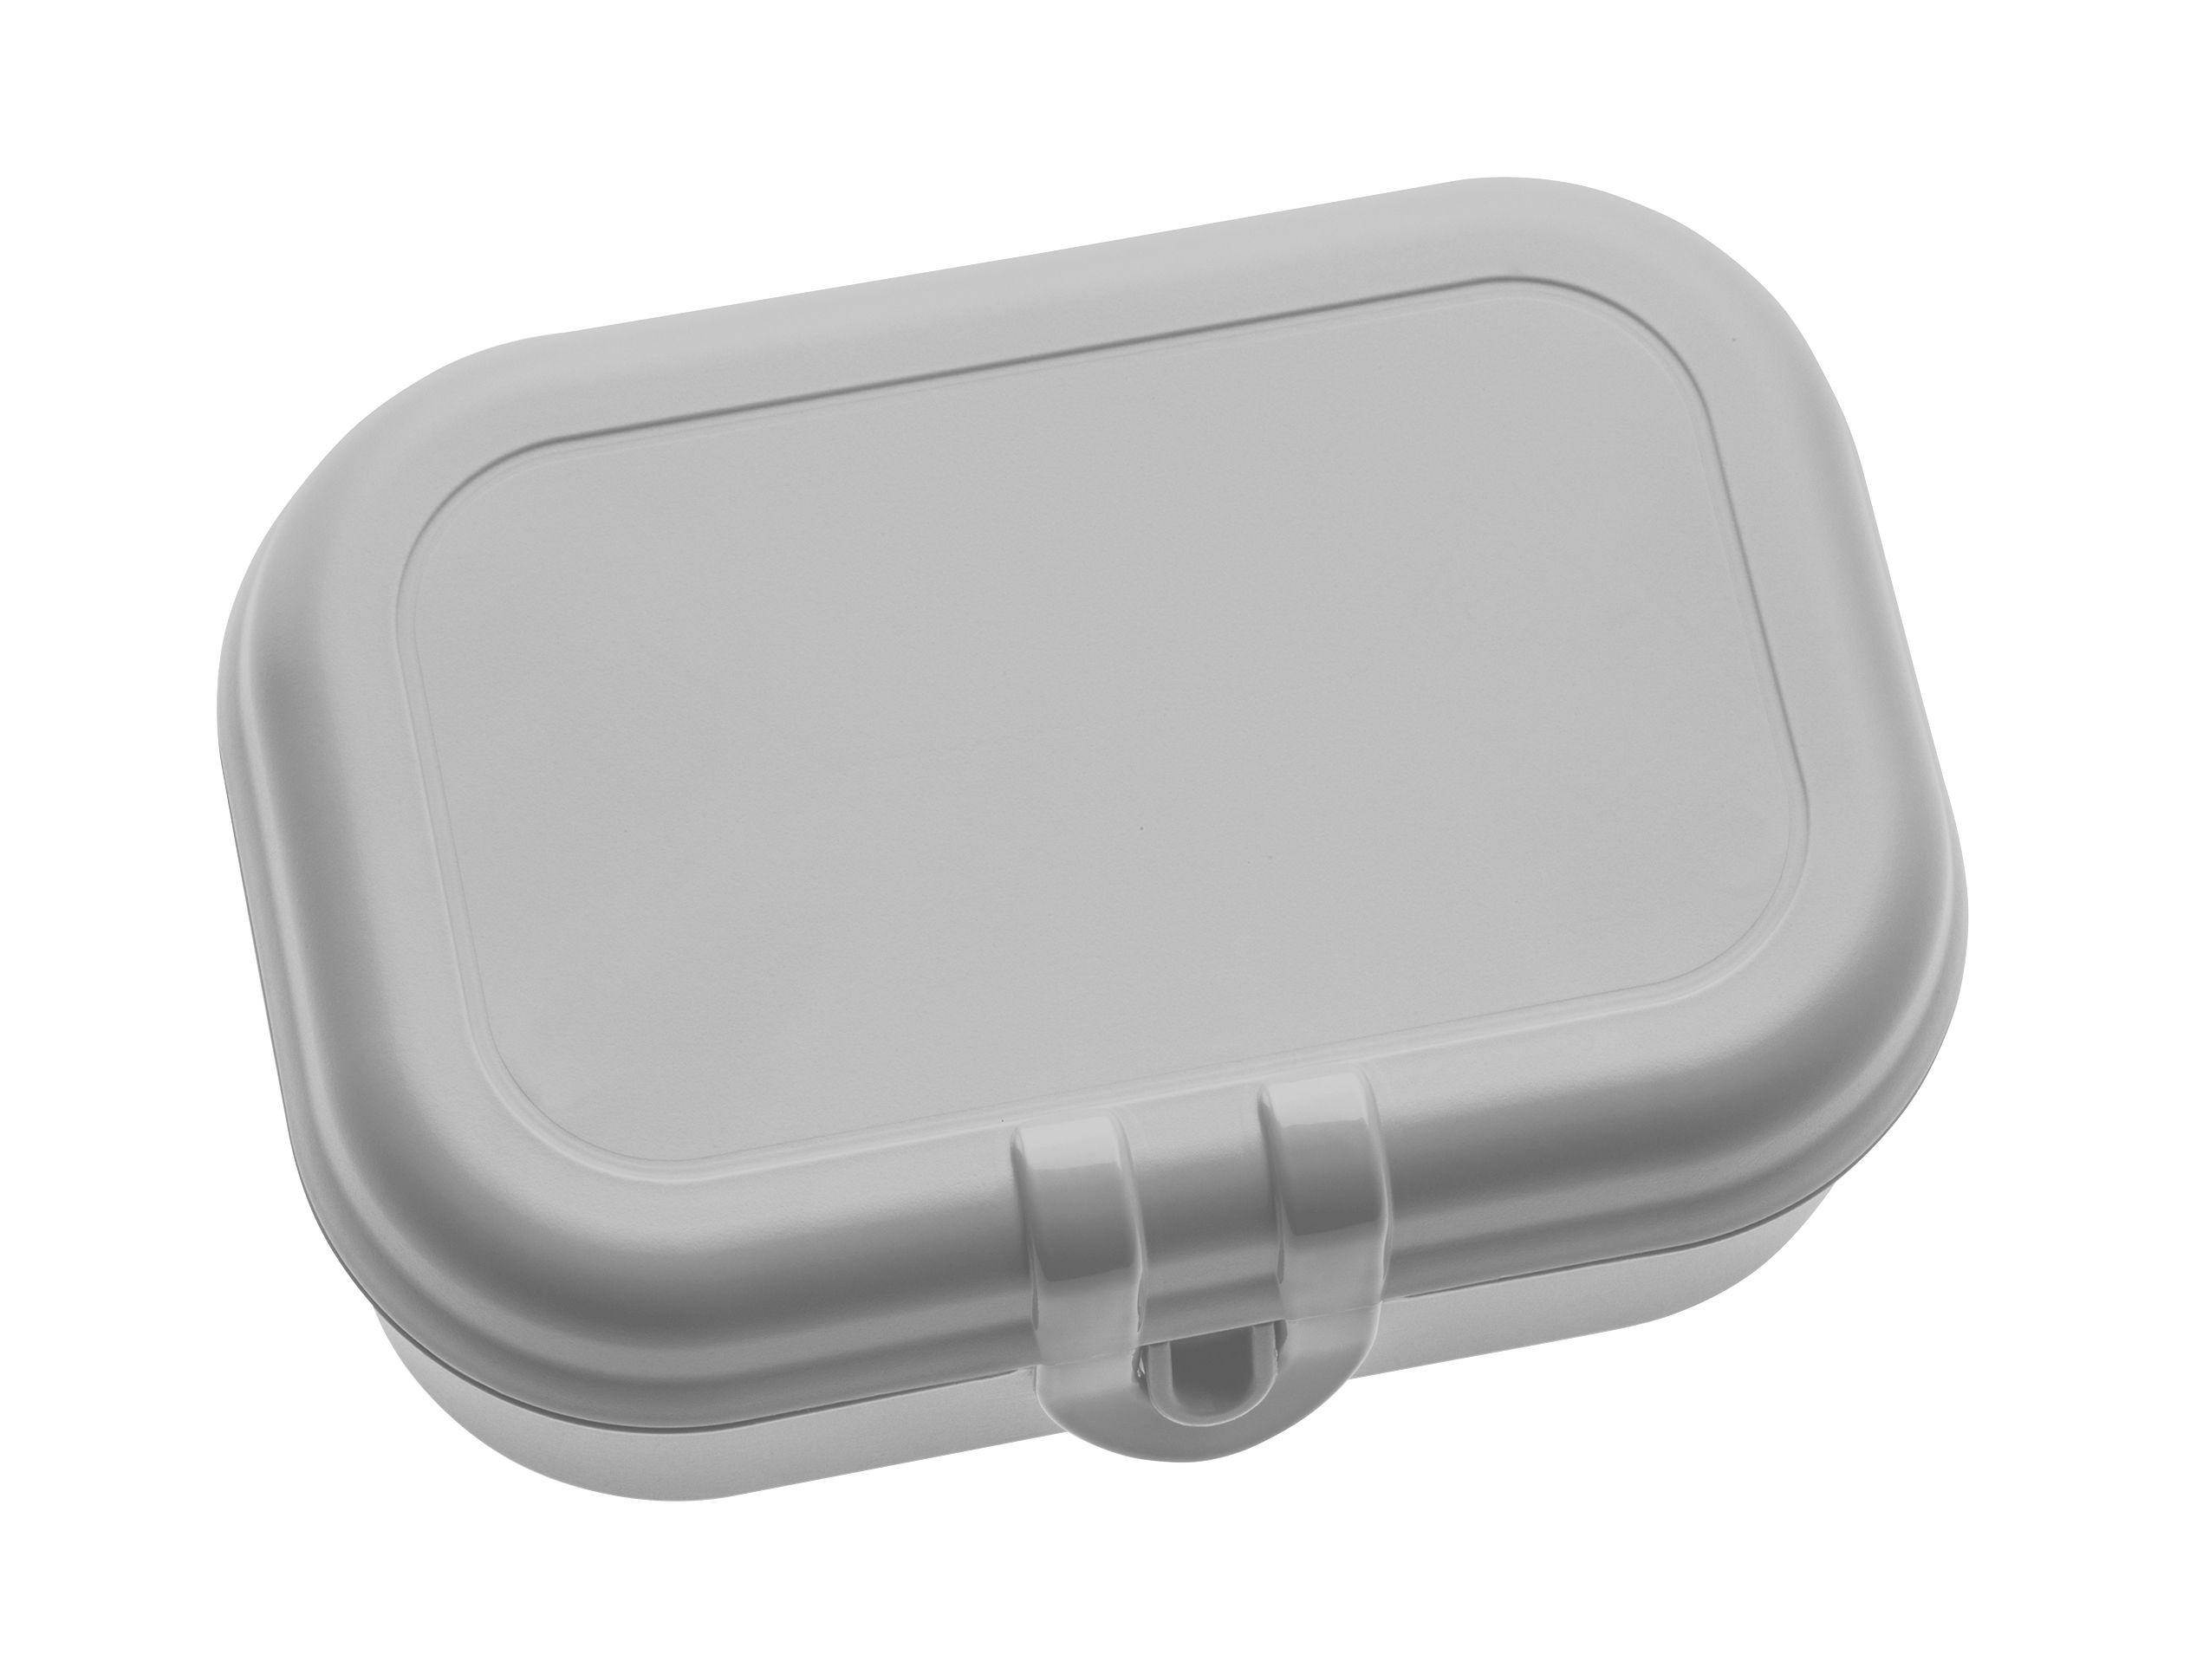 Déco - Pour les enfants - Lunch box Pascal Small - Koziol - Gris - Plastique